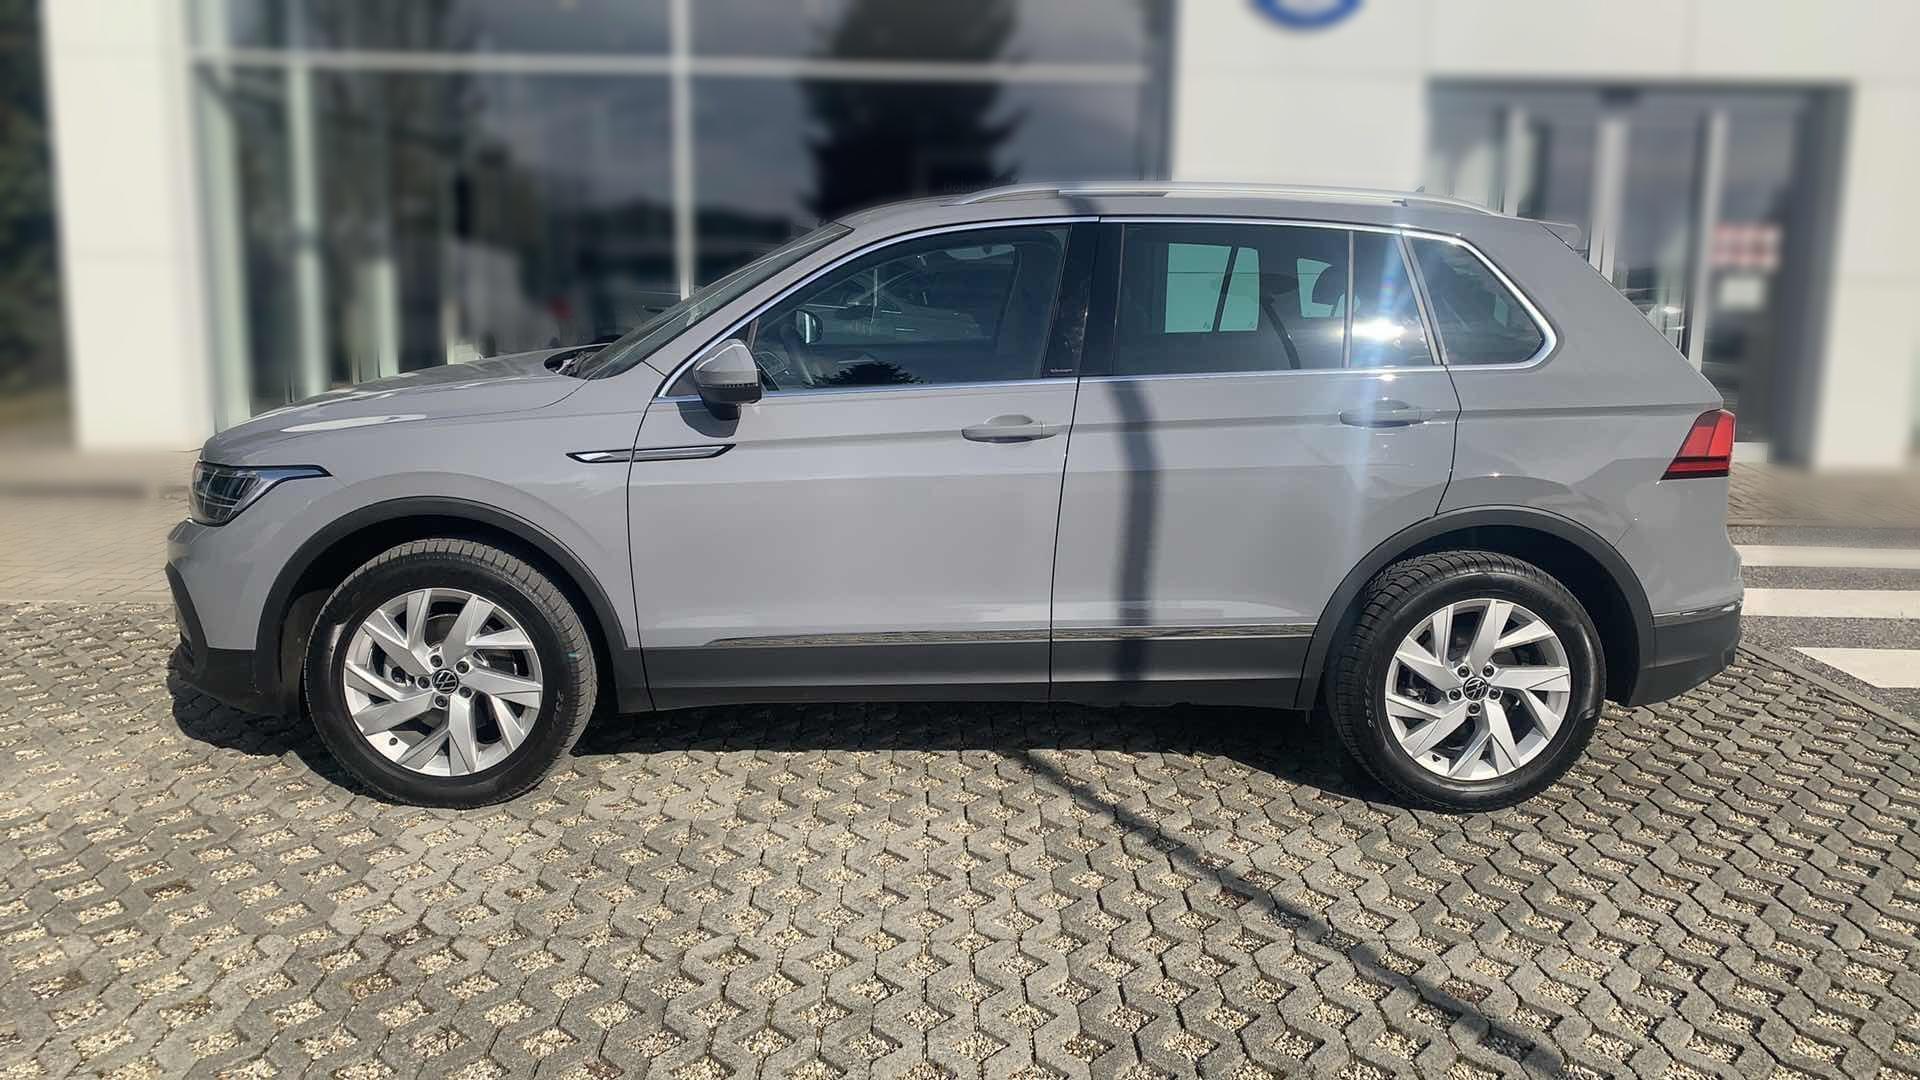 NEOSTAR | VW Tiguan 4motion 2,0 TDI Life DSG